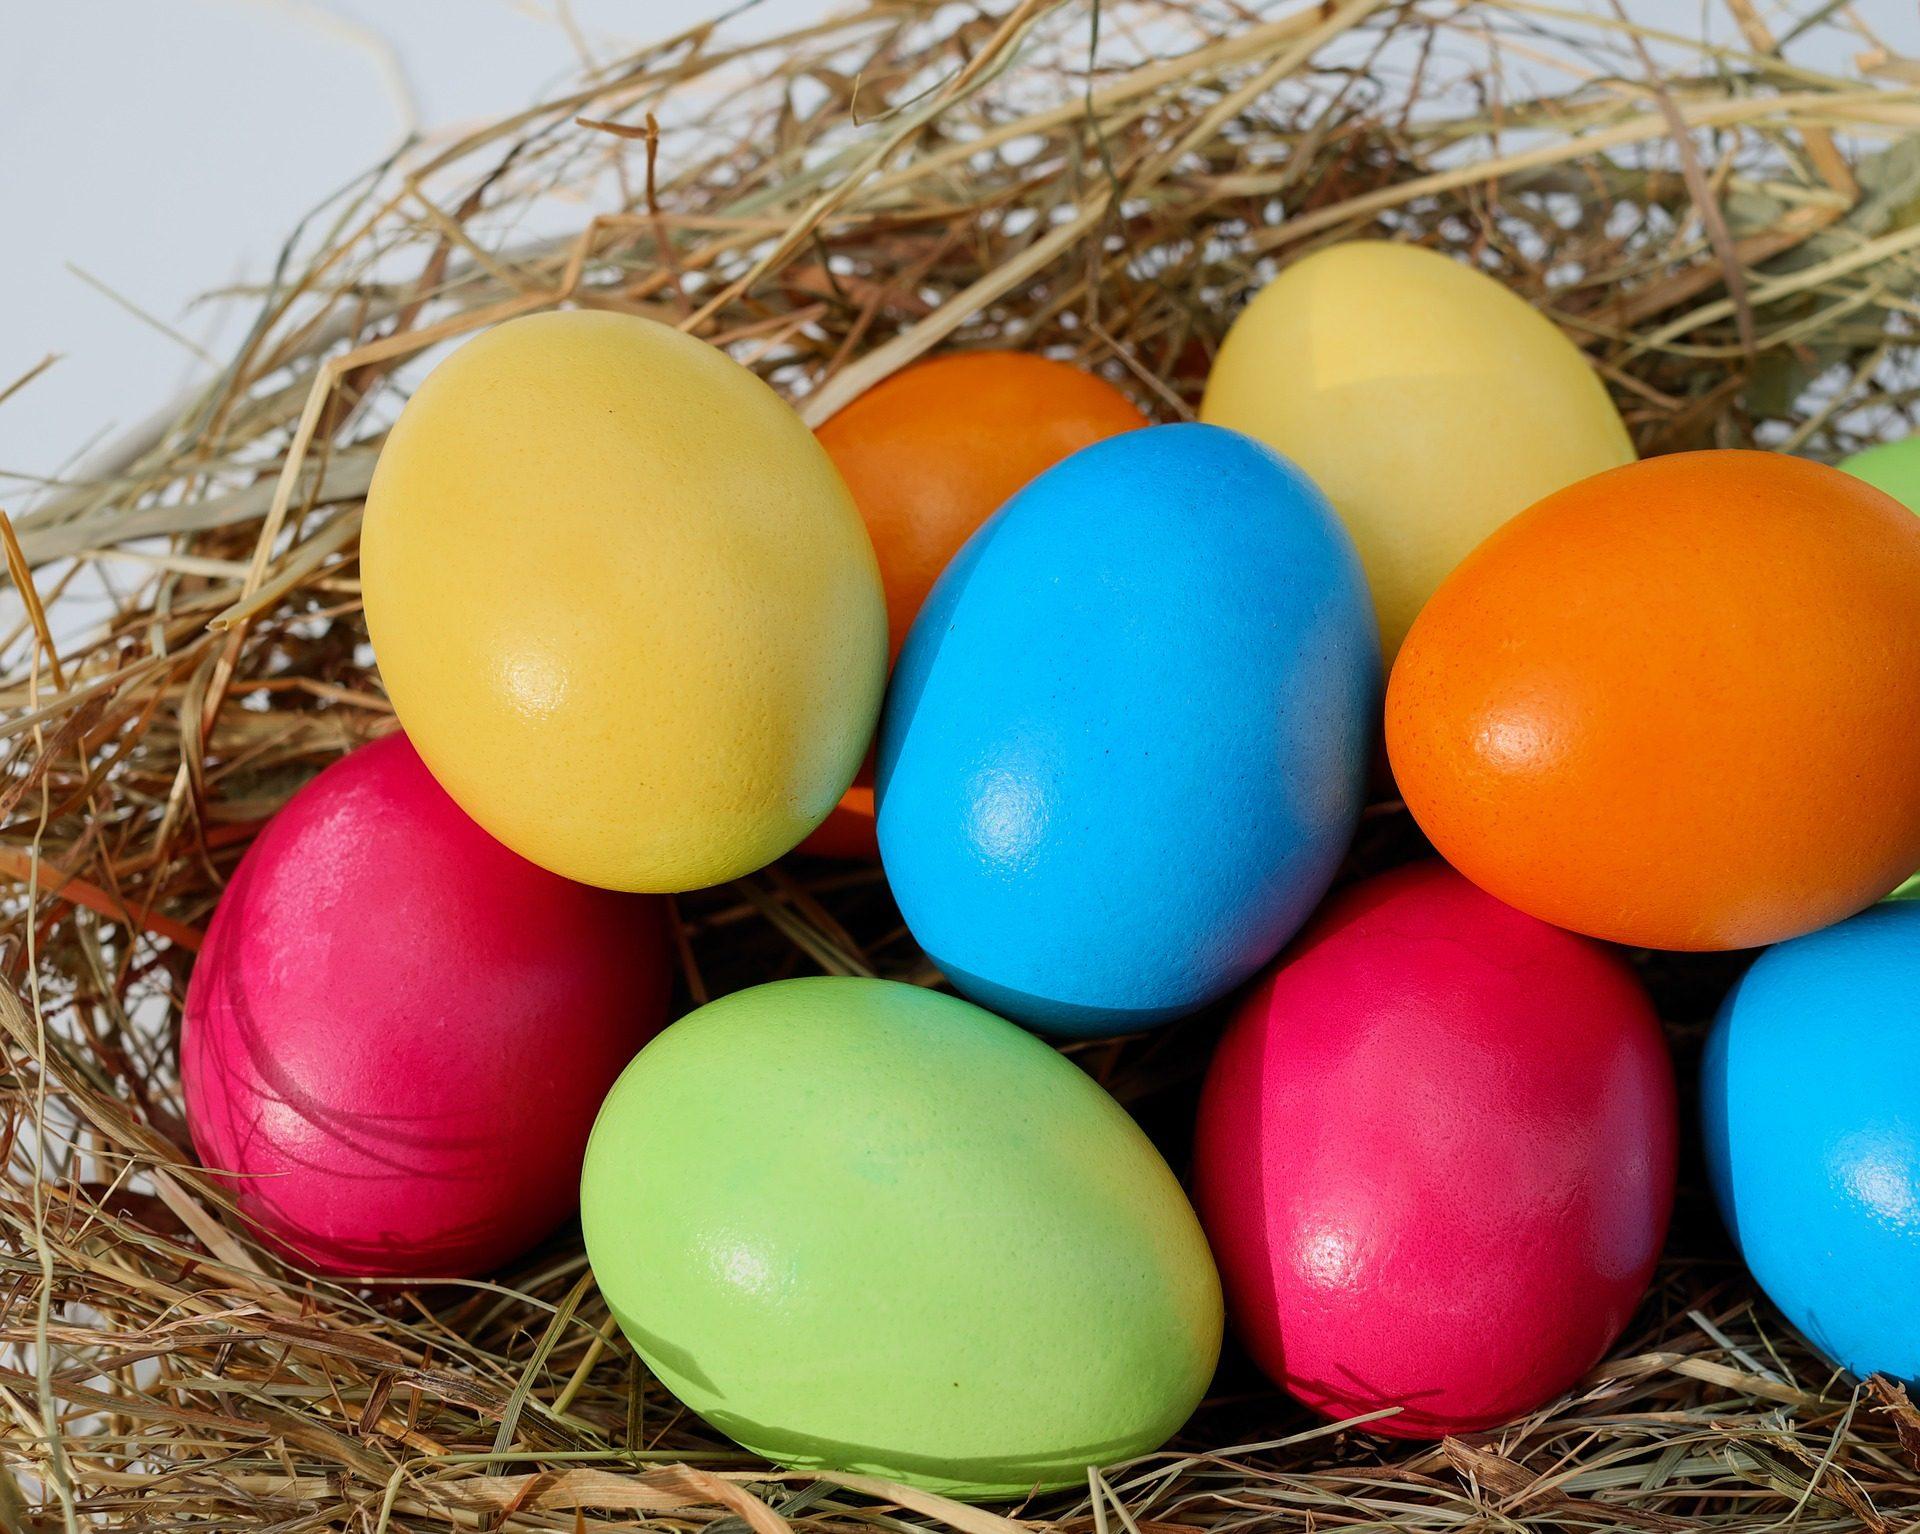 鸡蛋, 复活节, 多彩, 巢, 画 - 高清壁纸 - 教授-falken.com